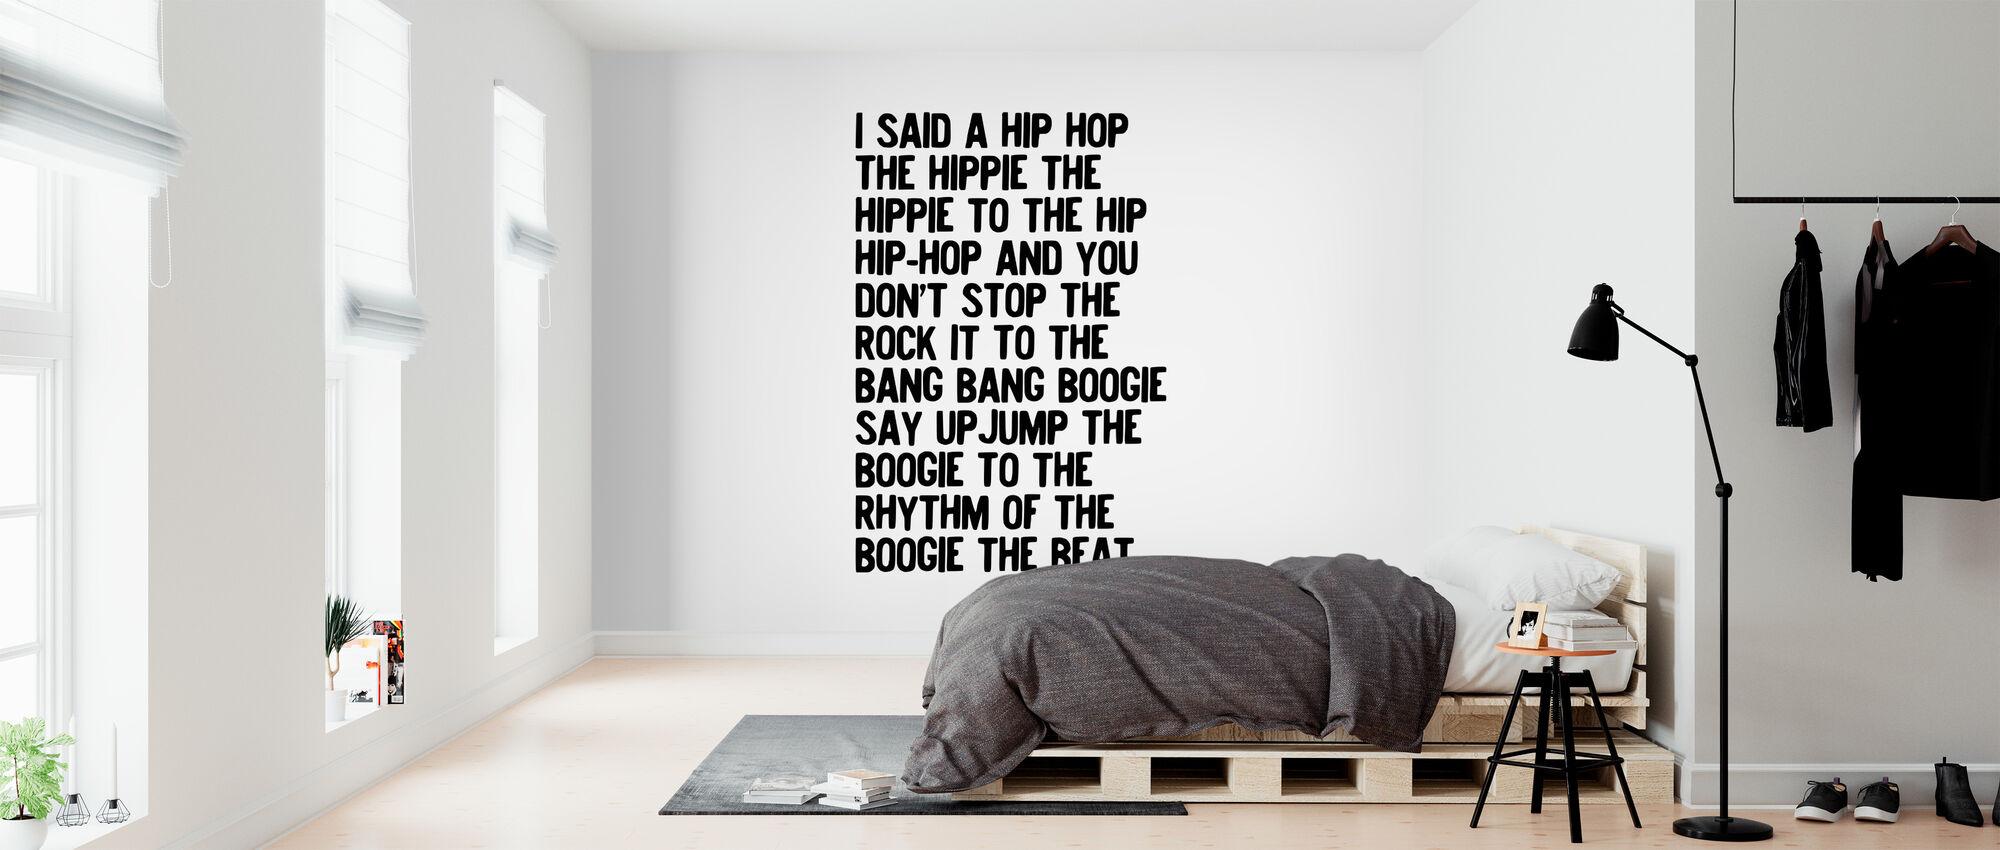 Rappers Delight - Wallpaper - Bedroom